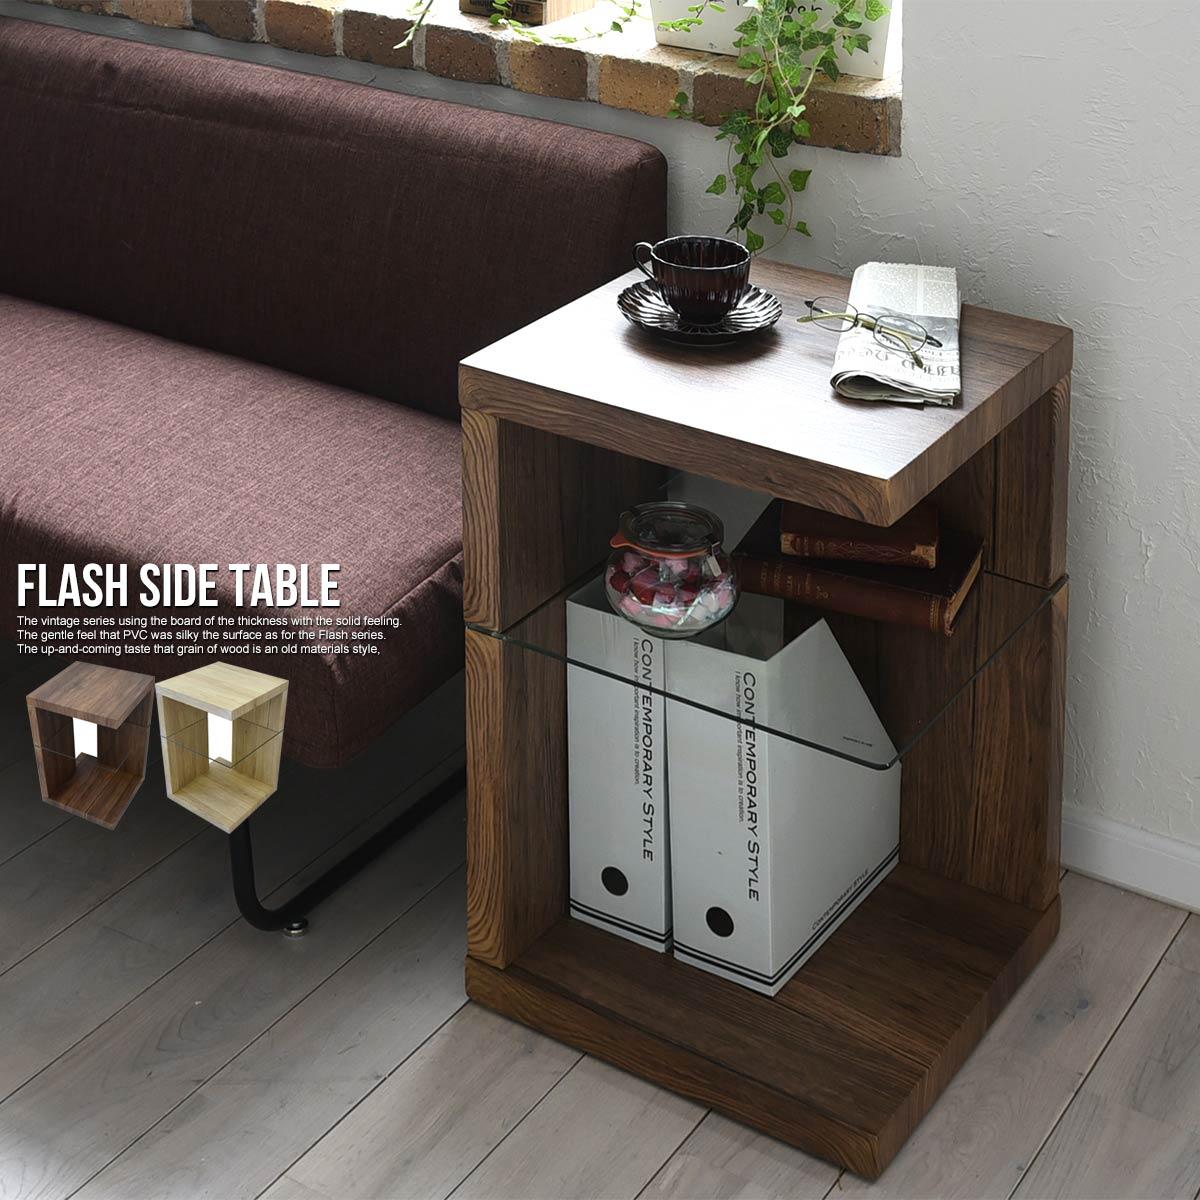 RoomClip商品情報 - 【あす楽】サイドテーブル ナイトテーブル FLASH フラッシュ 収納 木製 北欧 寝室 ベッドサイドチェスト ガラス 収納ラック レトロ おしゃれ